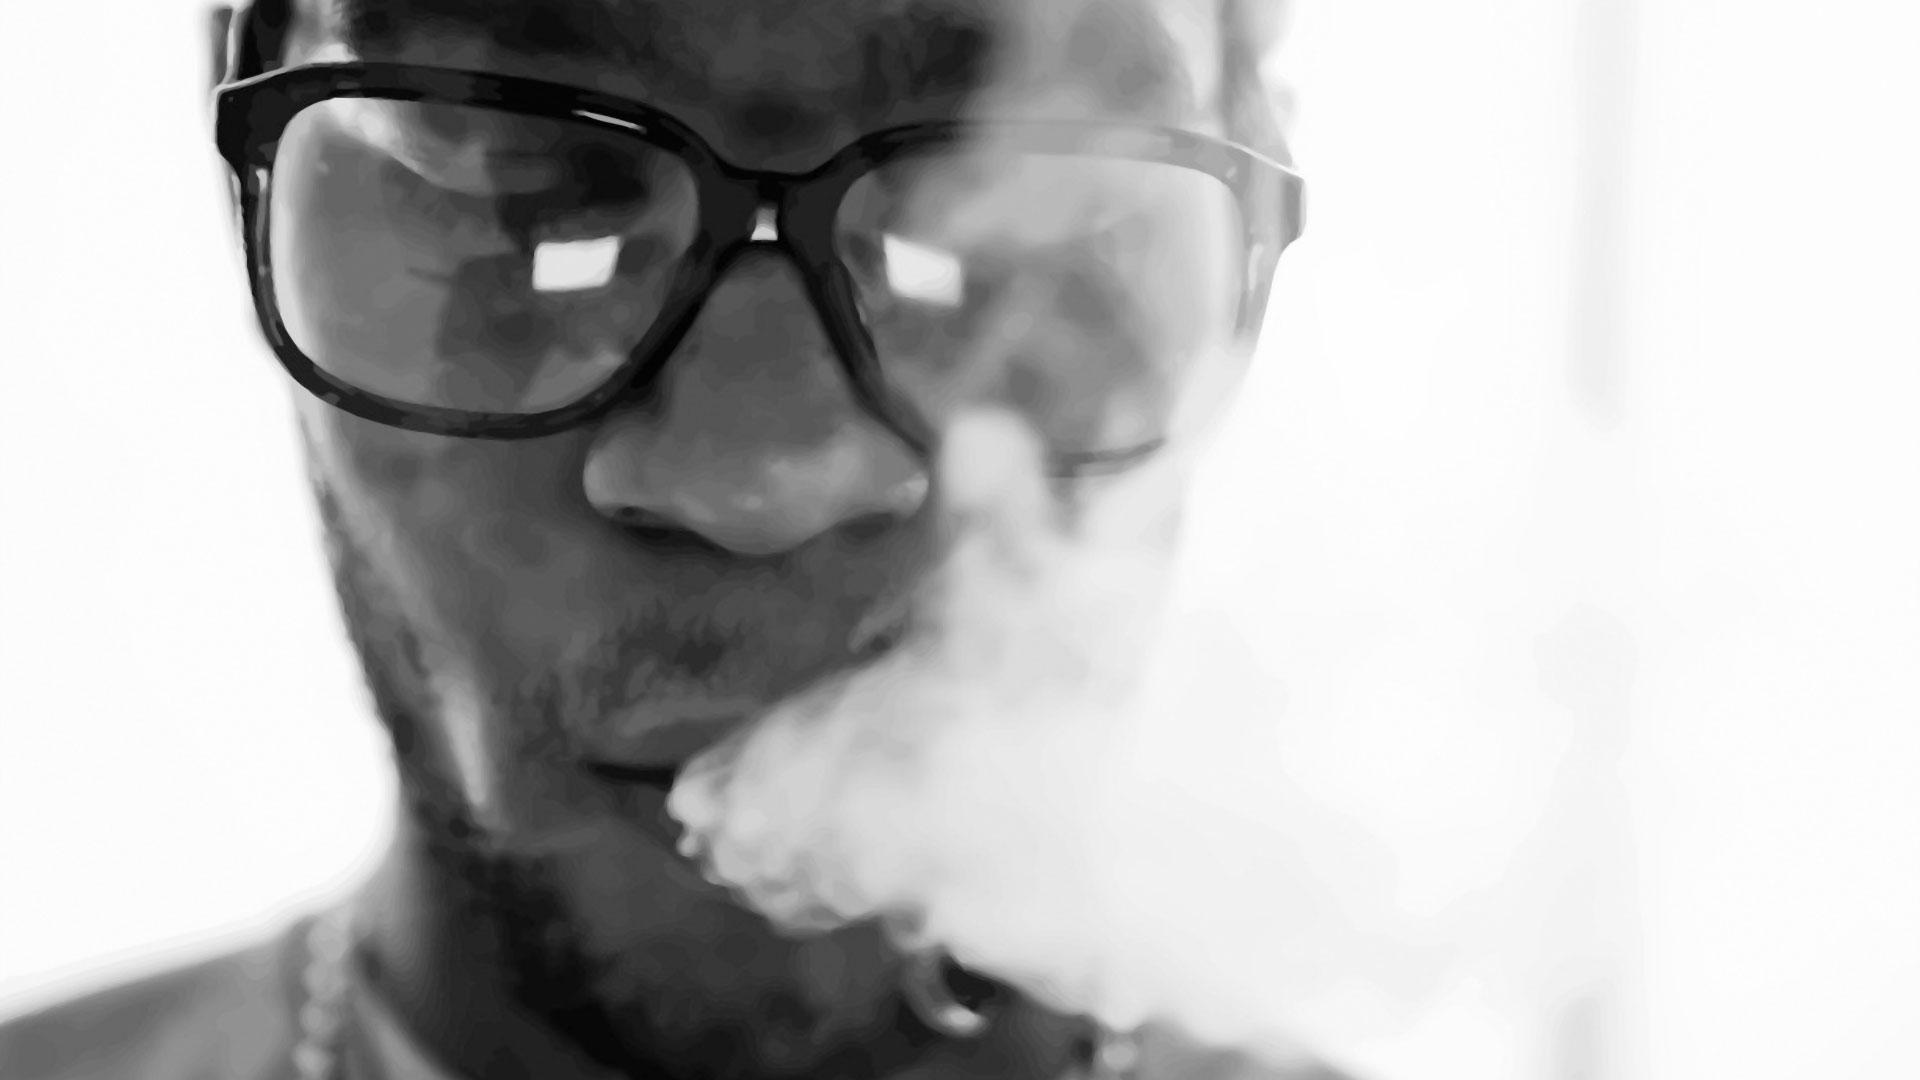 Kid Cudi smoke glasses face bristle